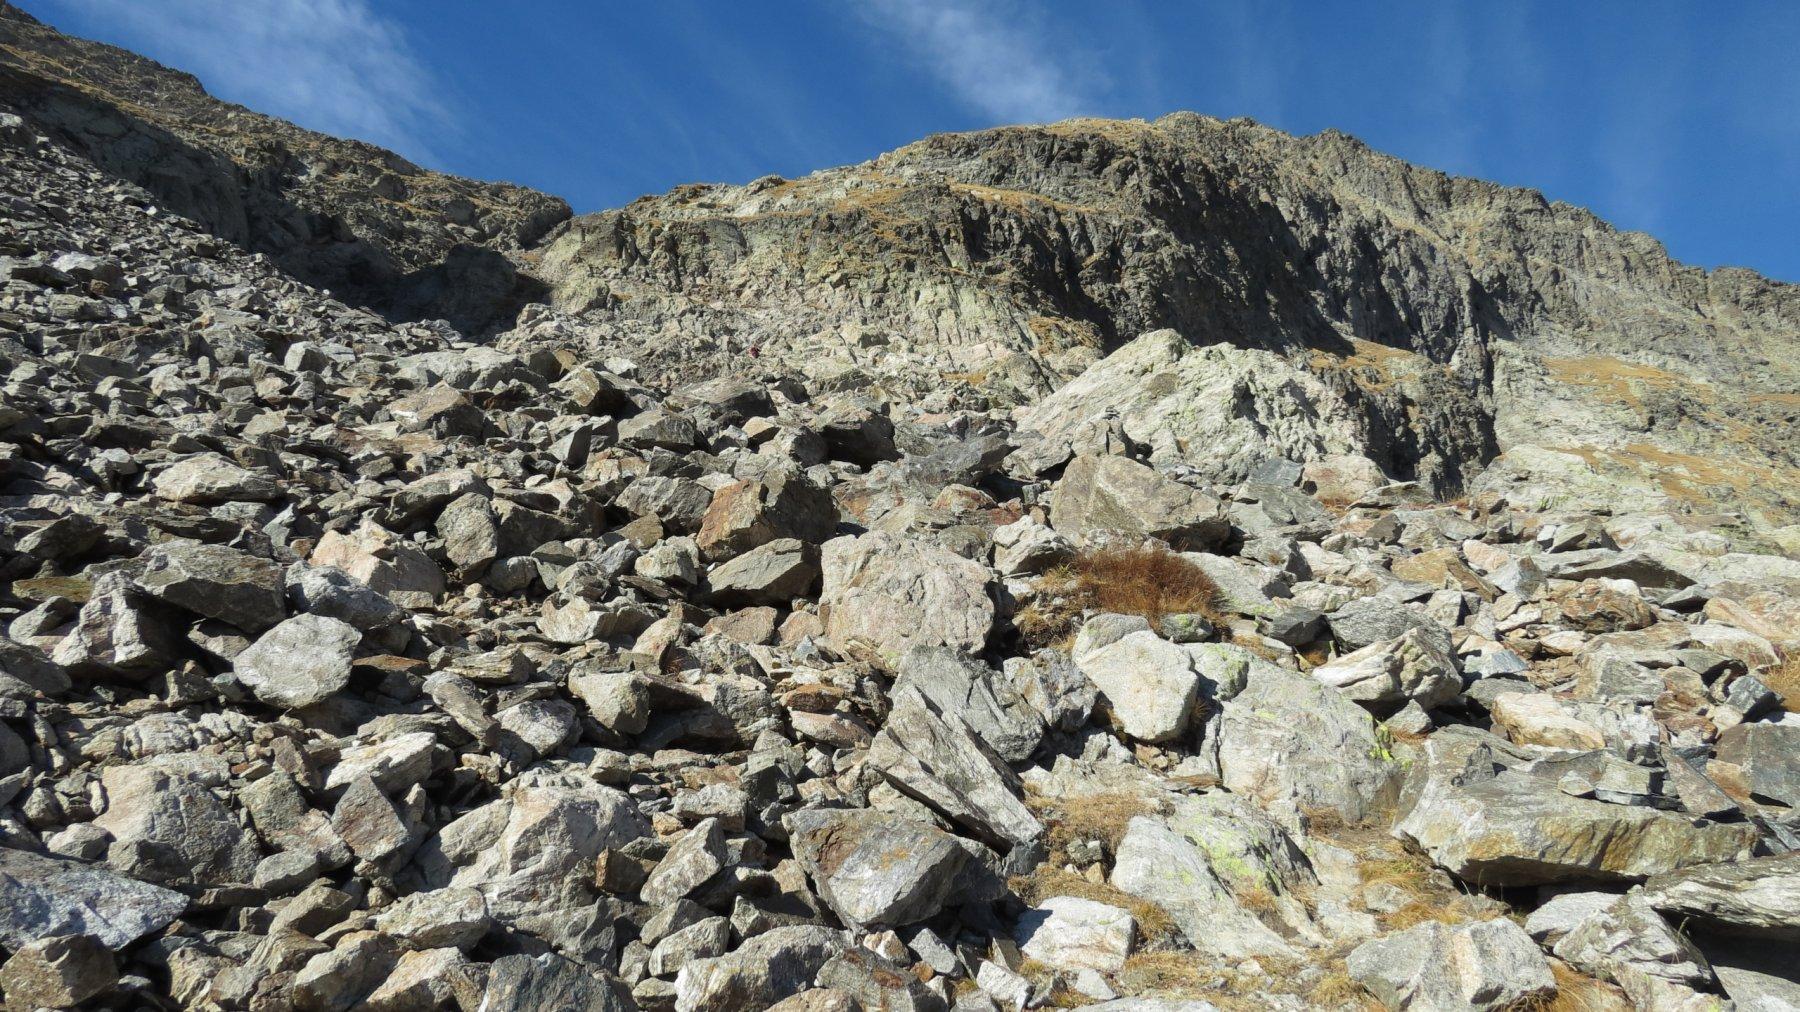 le ripide distese di pietrame che portano al Pas de la Fous